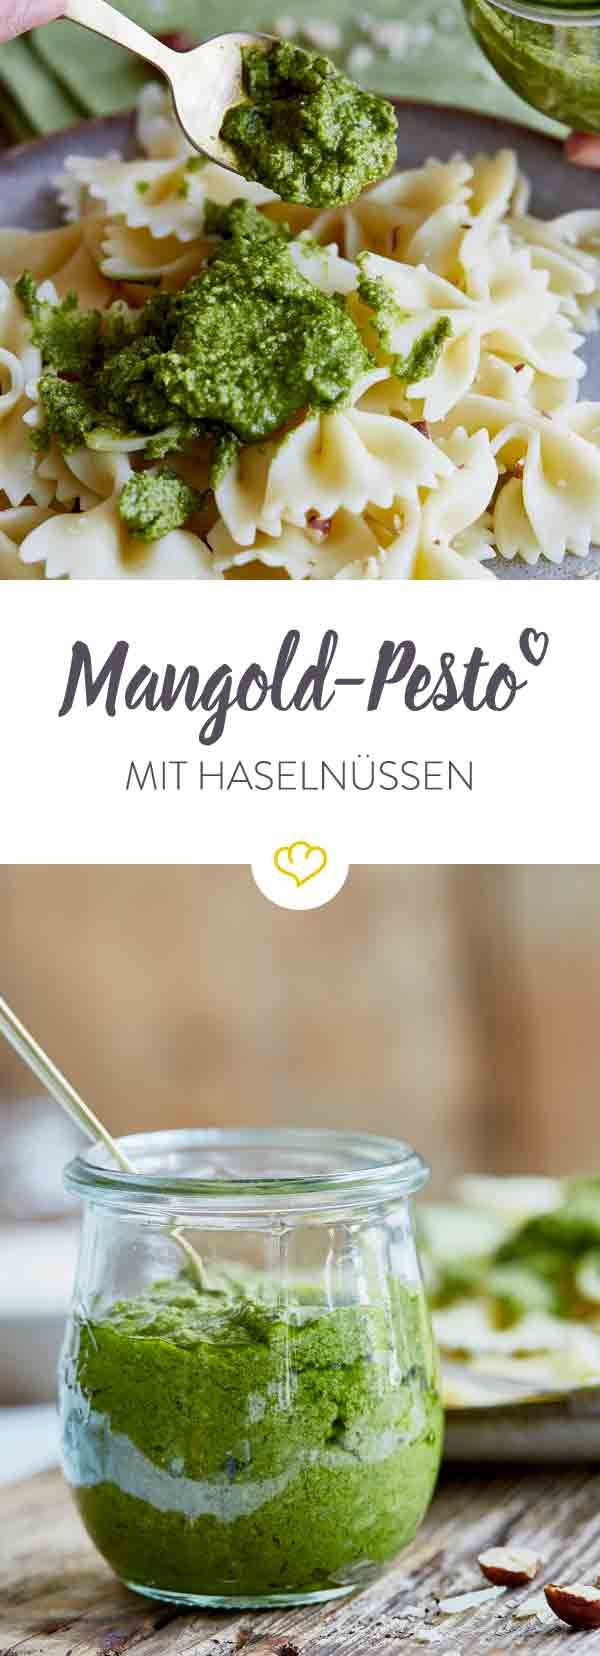 Ja, aus Mangold kann man wirklich prima Pesto zubereiten. Mit Zitronensaft, gerösteten Haselnüssen und Parmesan wird dein Mangold-Pesto herrlich aromatisch.